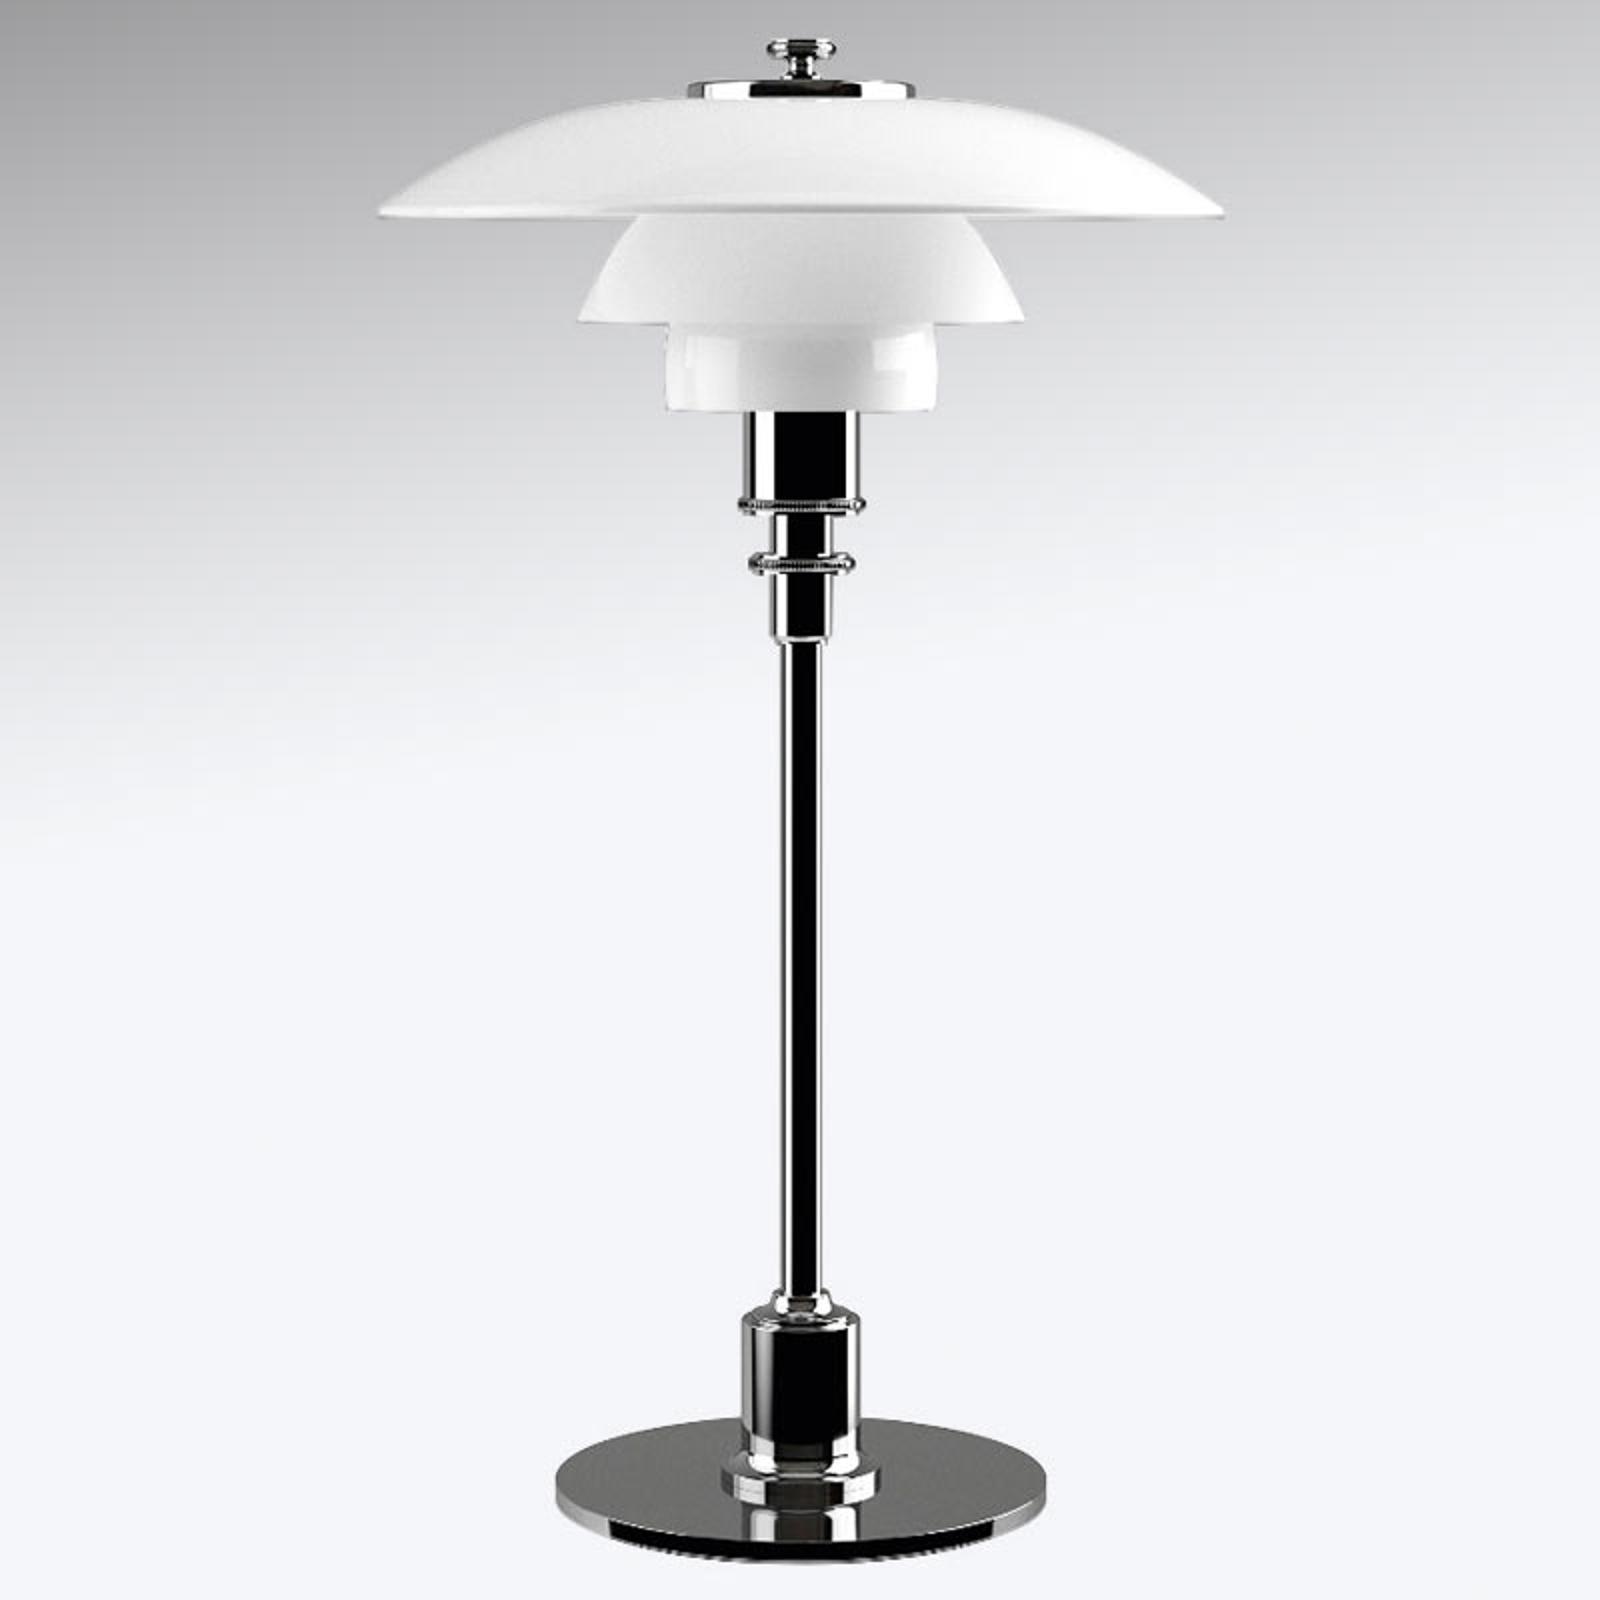 Louis Poulsen PH 2/1 Tischlampe hochglanzverchromt